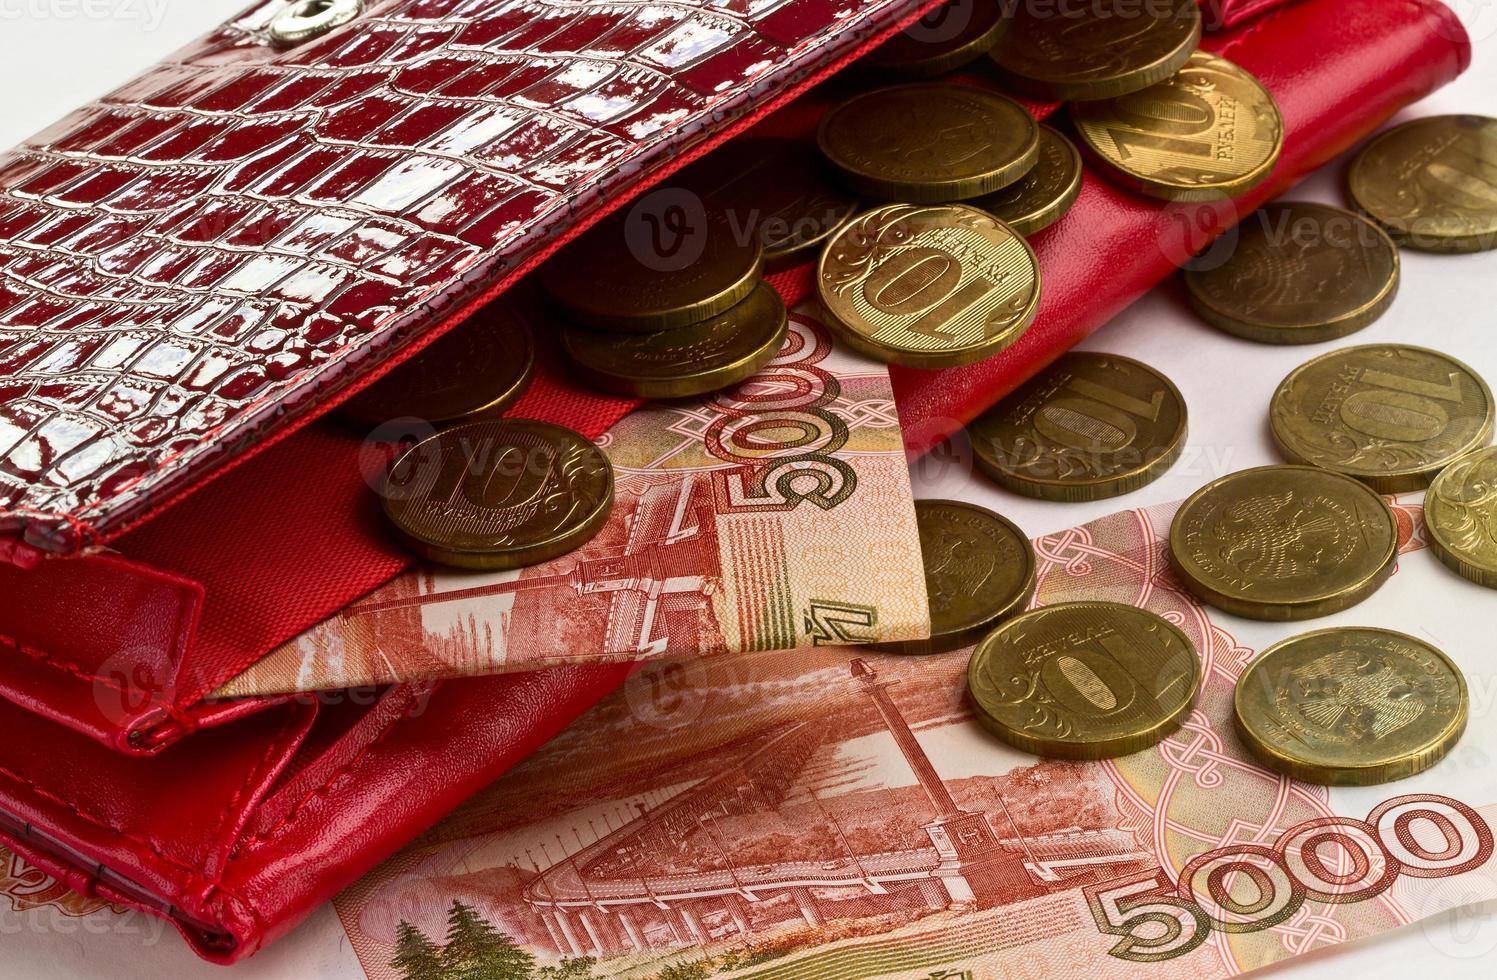 l'argent dans un sac rouge photo